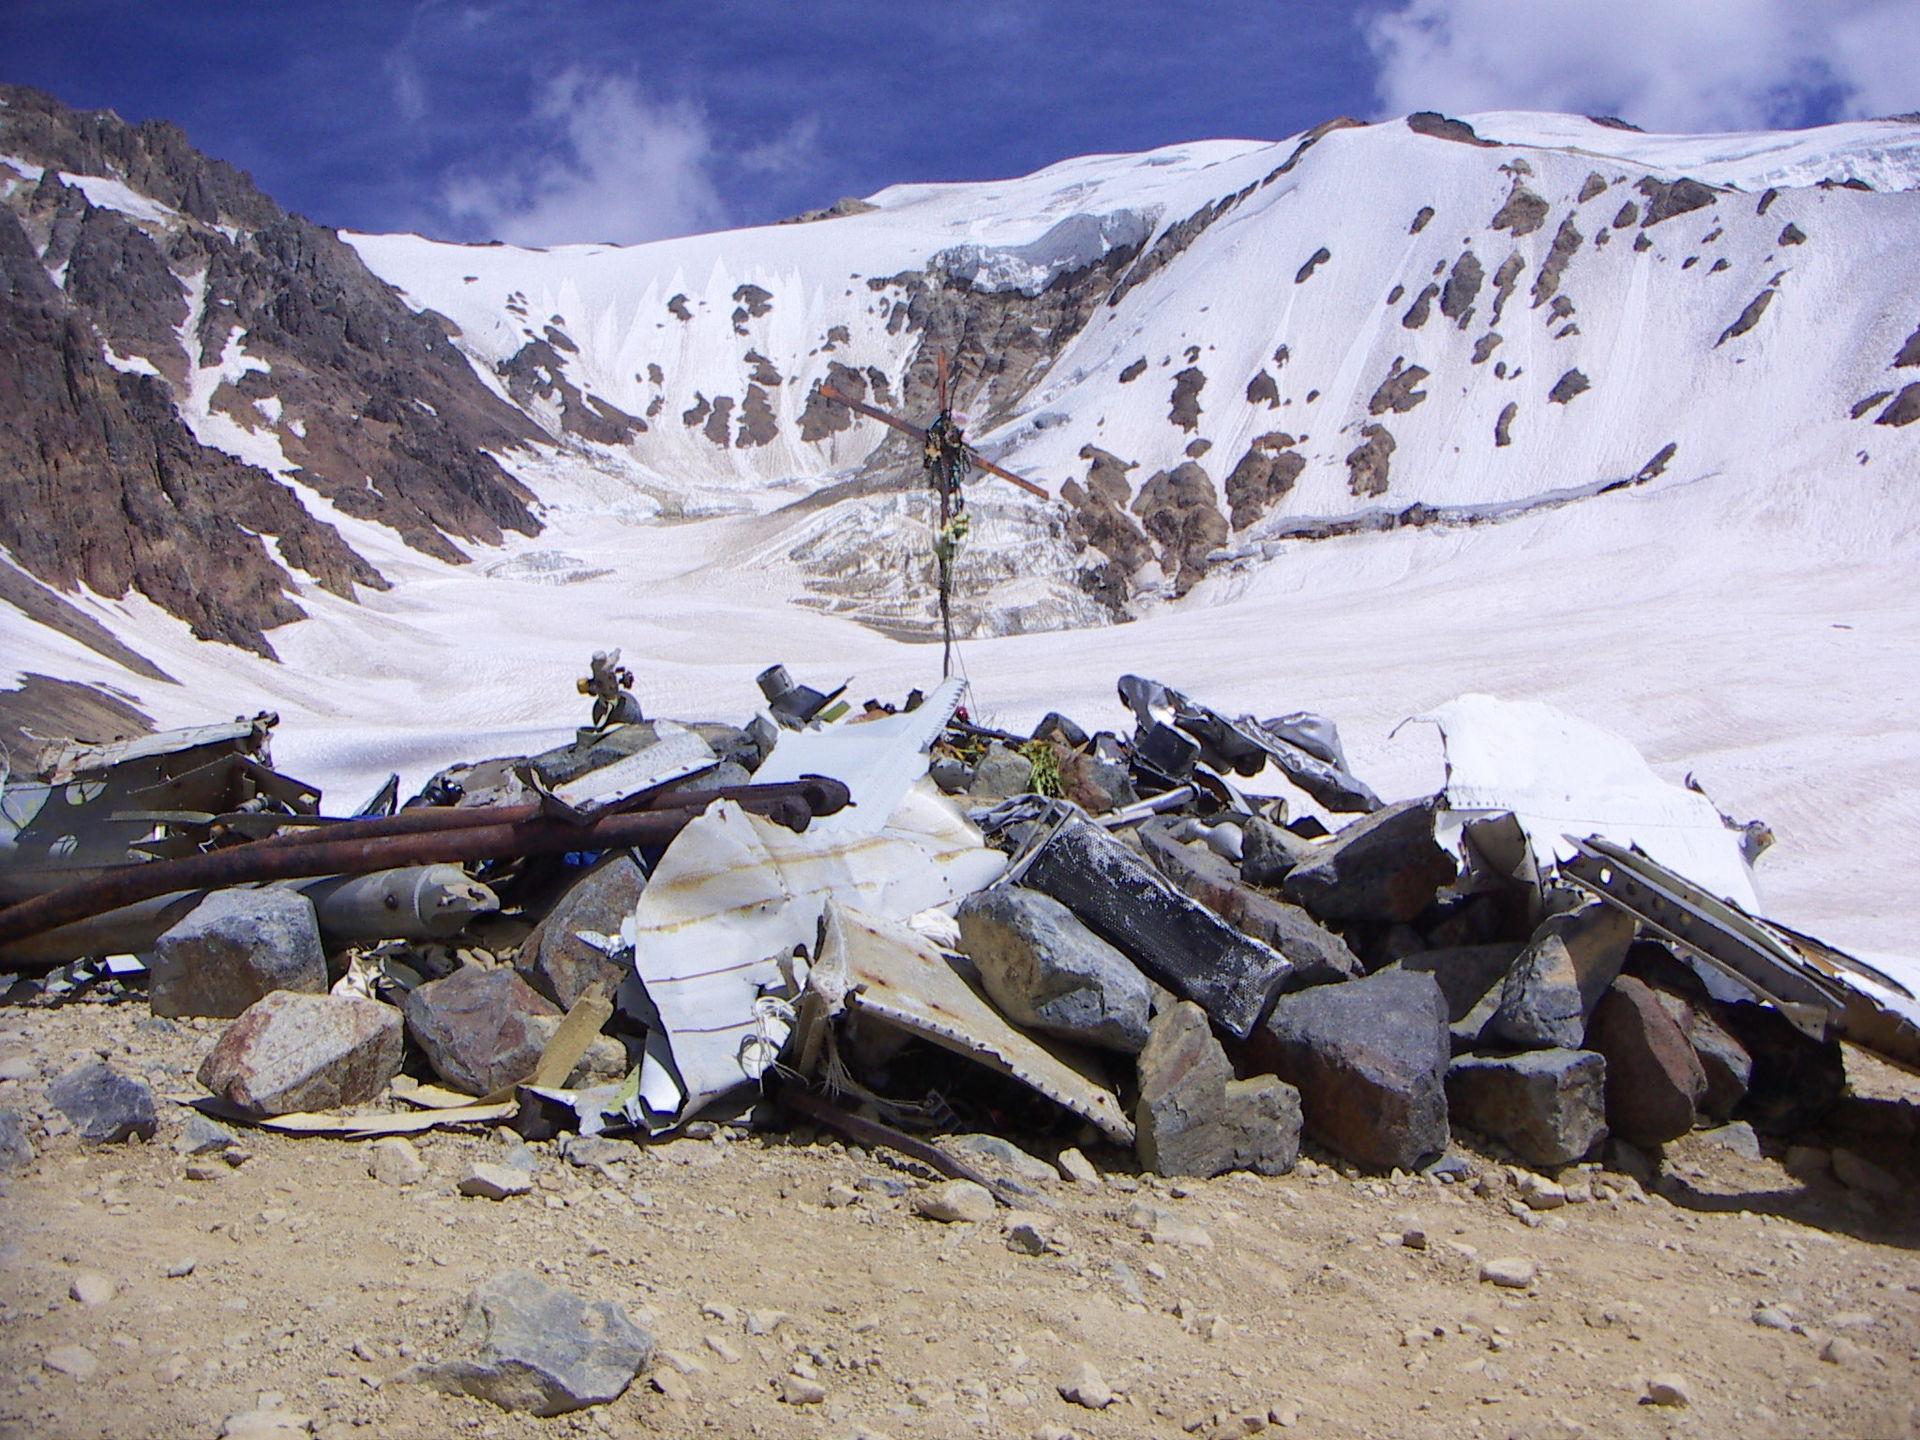 View of the Crash Memorial in February 2006. Credit: BoomerKC